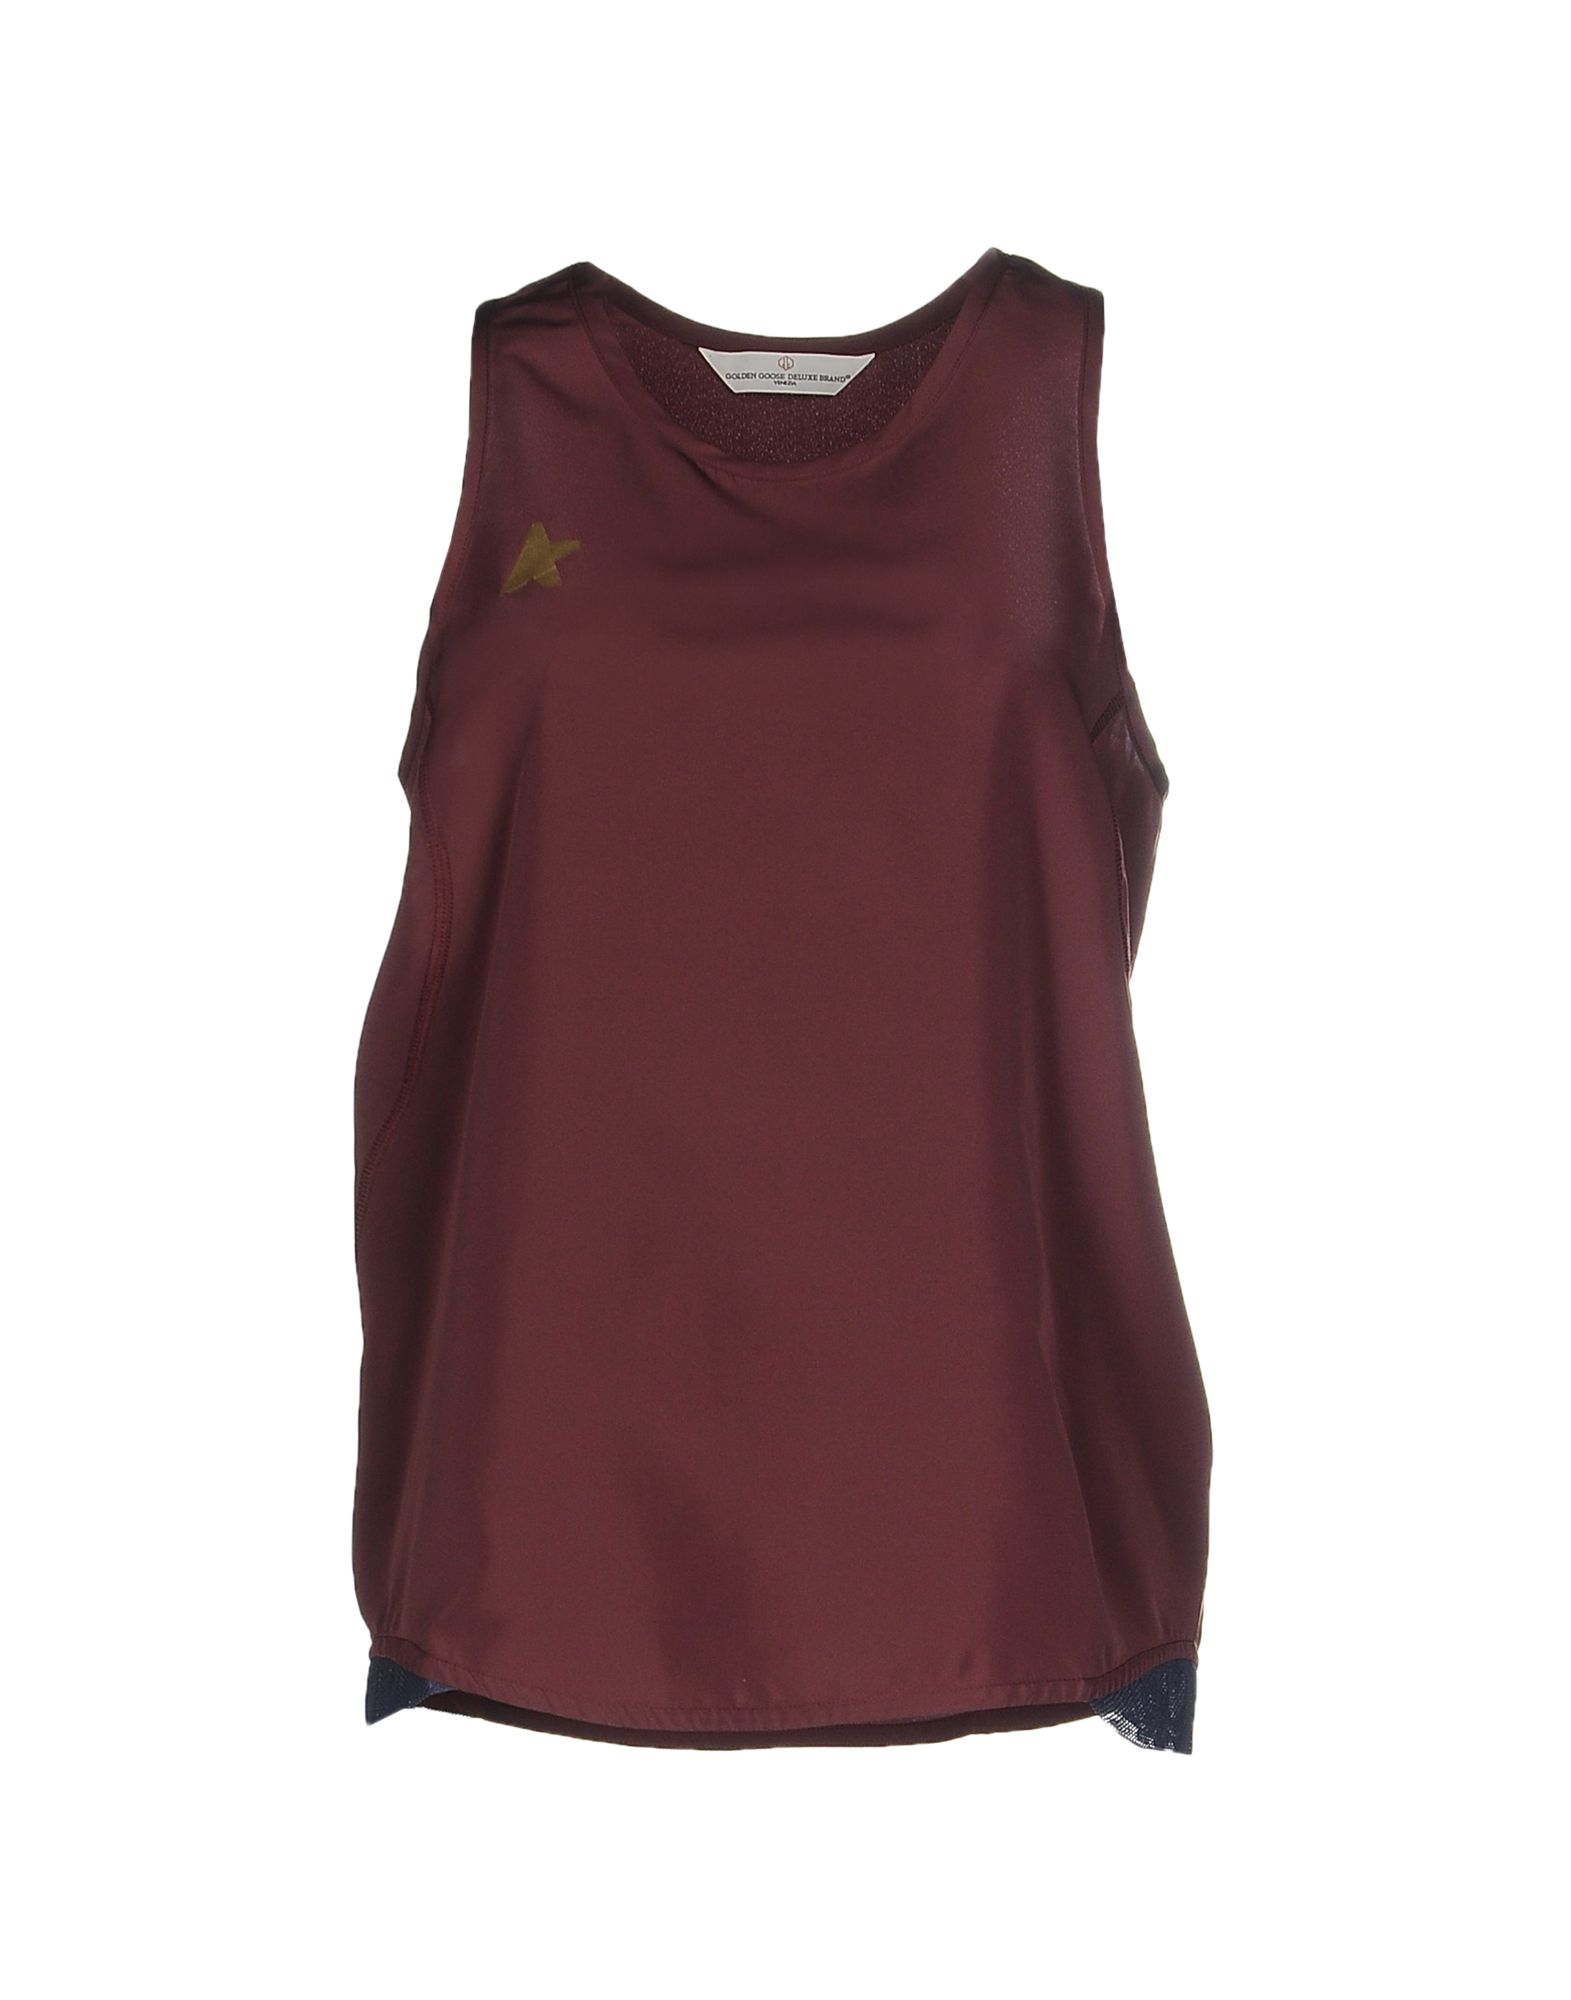 Top Golden Goose Deluxe Brand Donna - Acquista online su